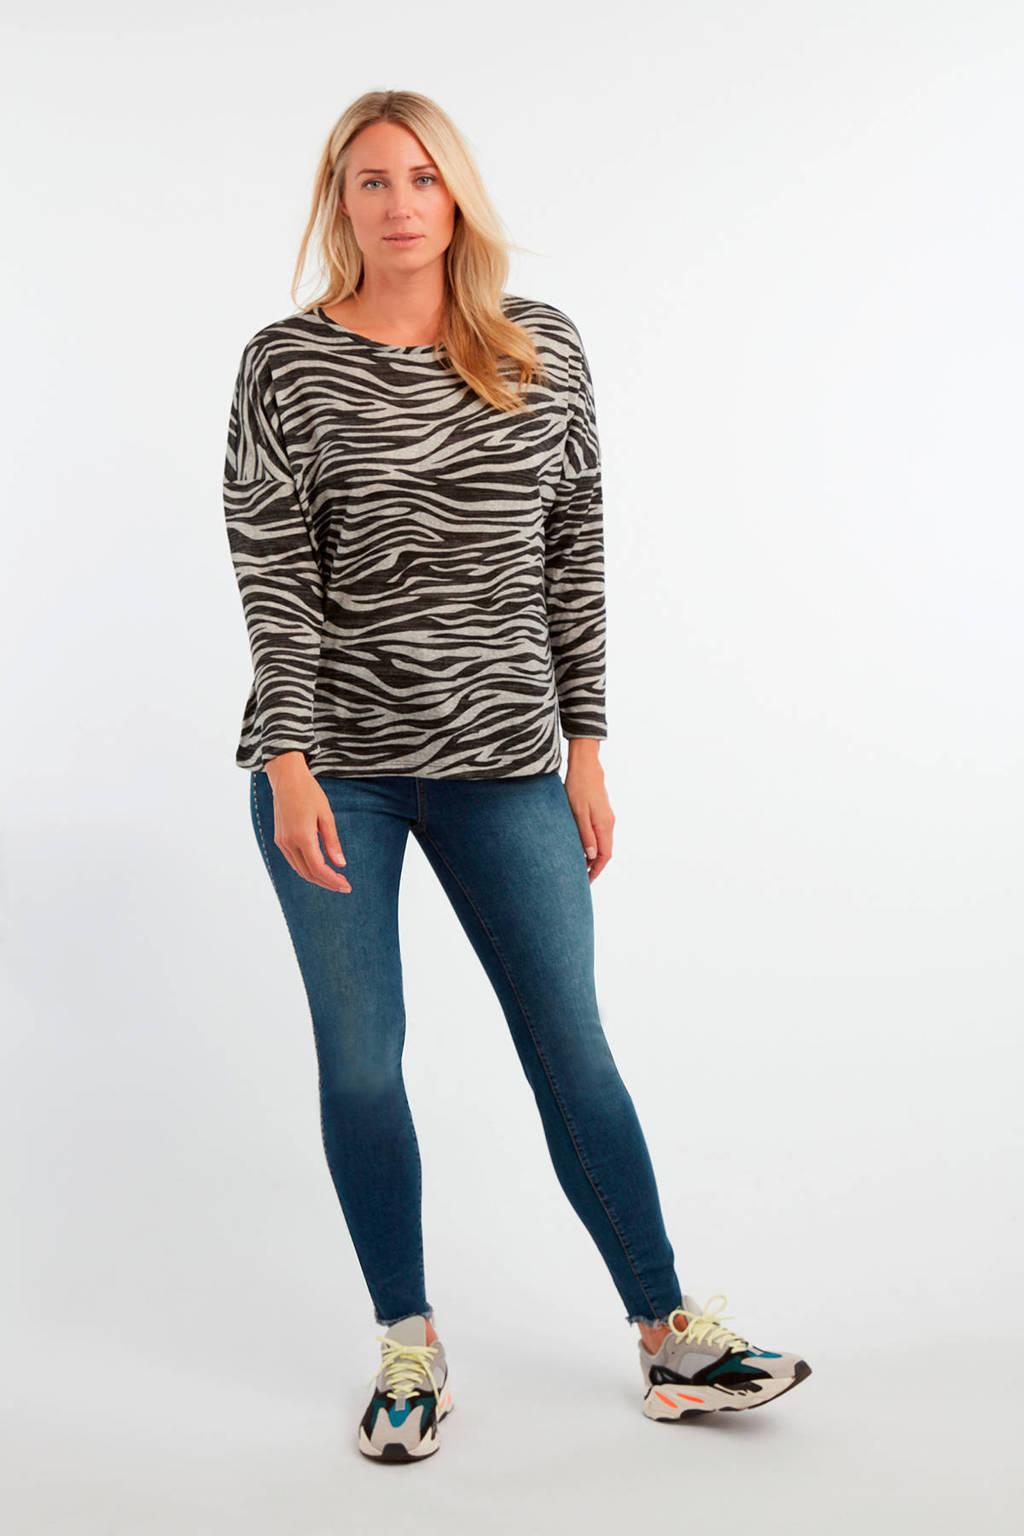 MS Mode longsleeve met zebraprint grijs/zwart, Grijs/zwart